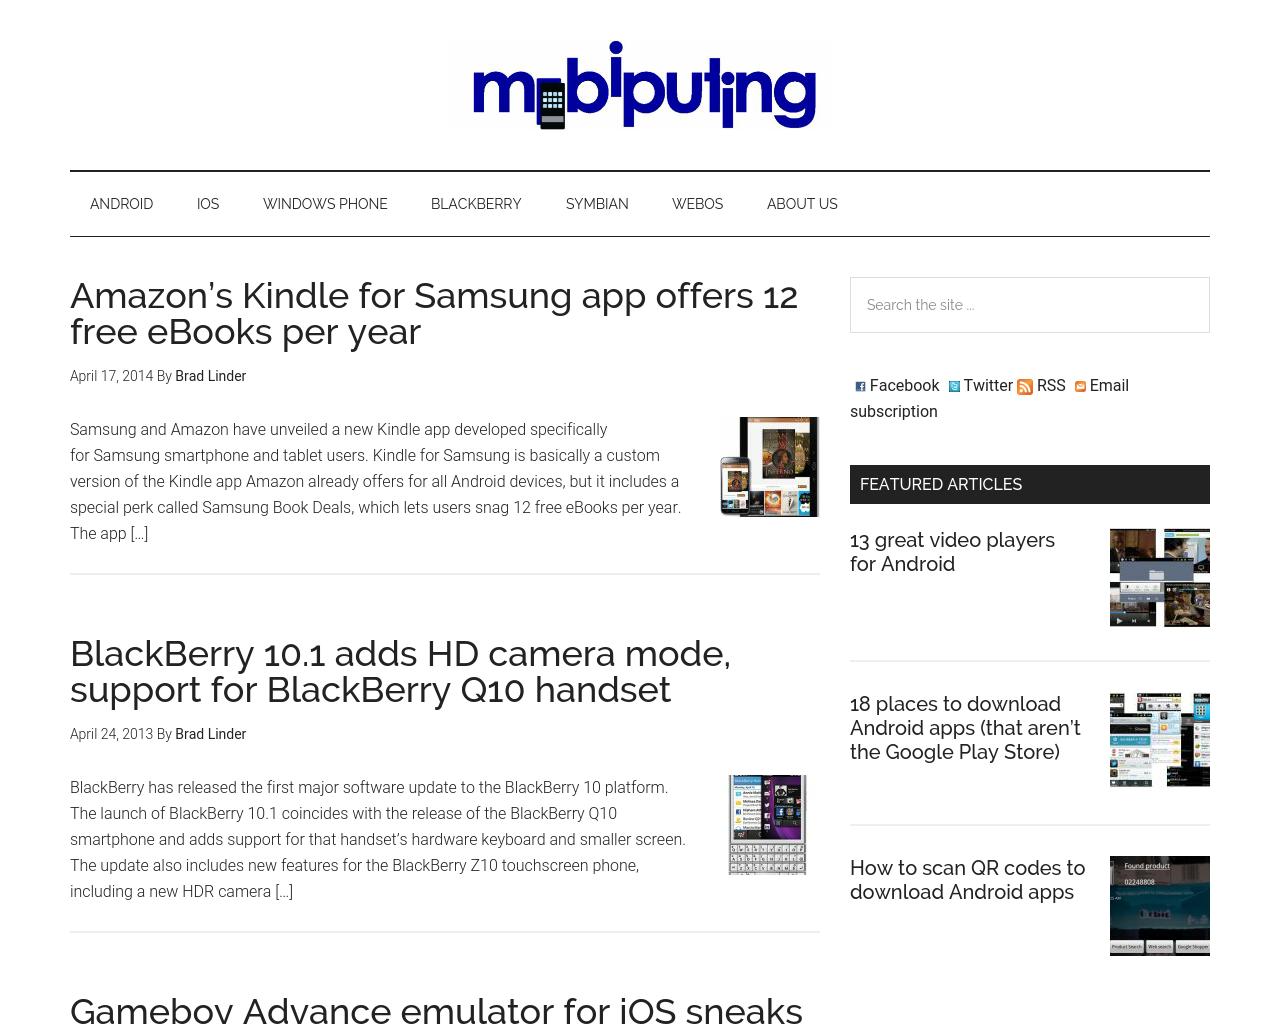 mobiputing-Advertising-Reviews-Pricing